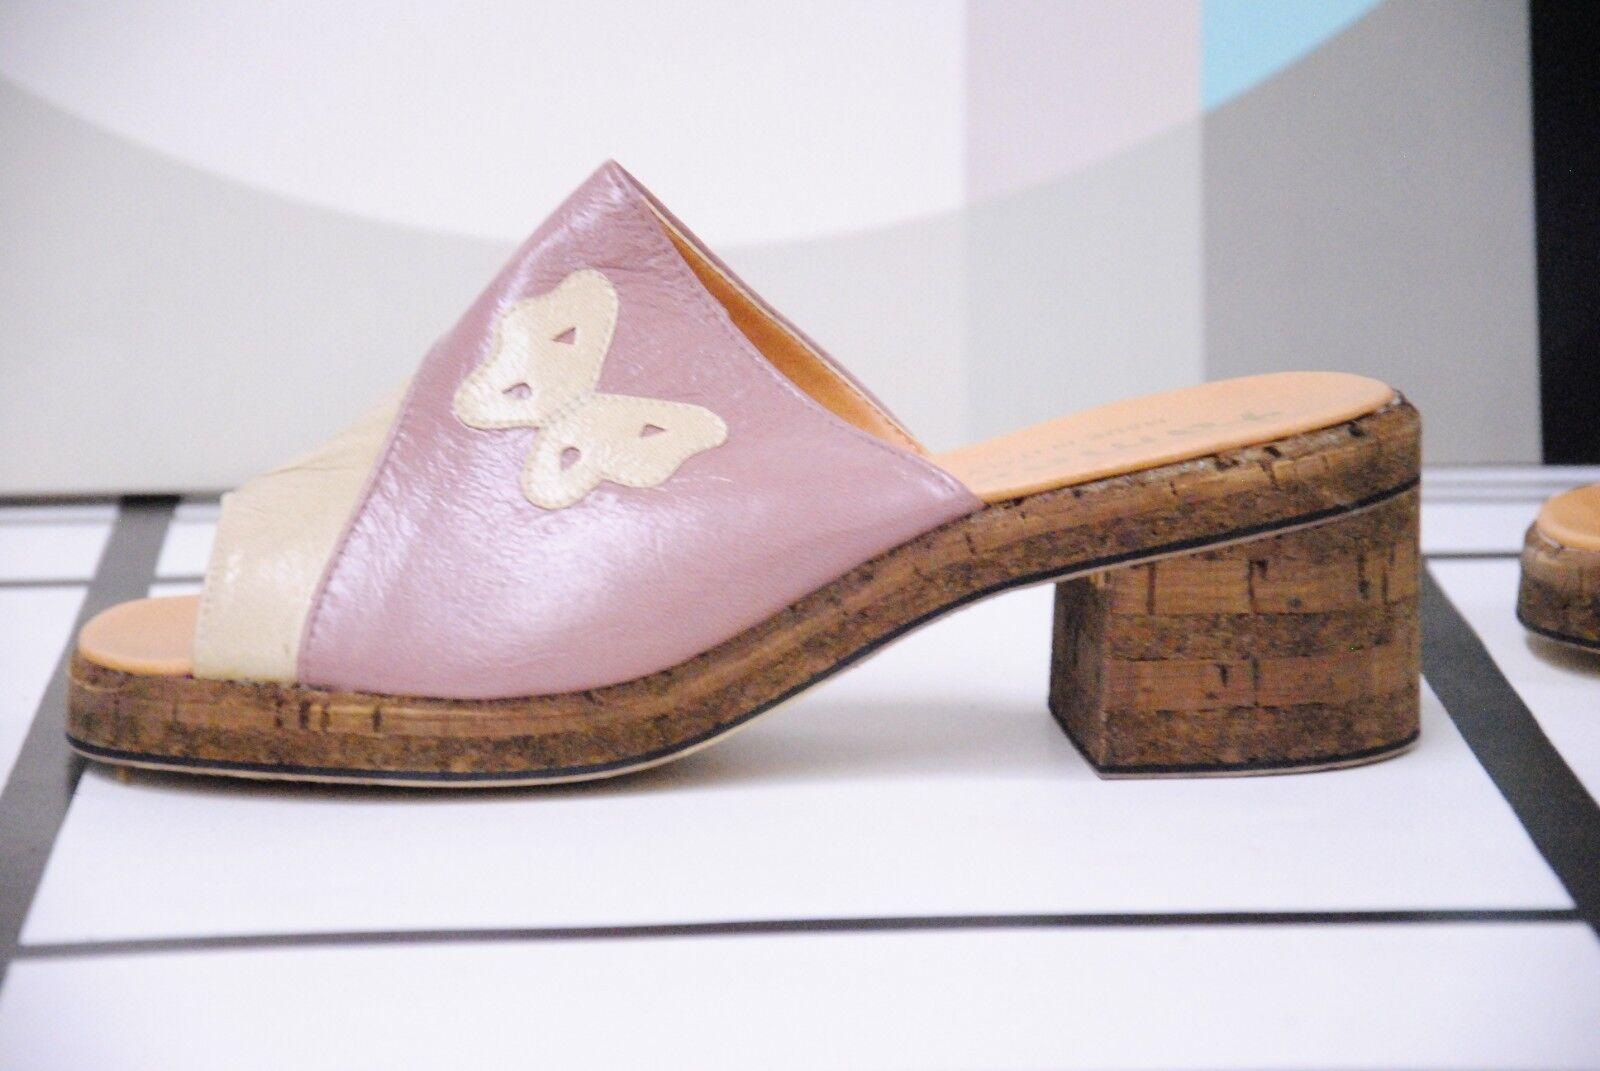 aquí tiene la última Tamaris plataforma sandalias Clogs 70s True vintage corcho suela Boho Boho Boho hippie  despacho de tienda